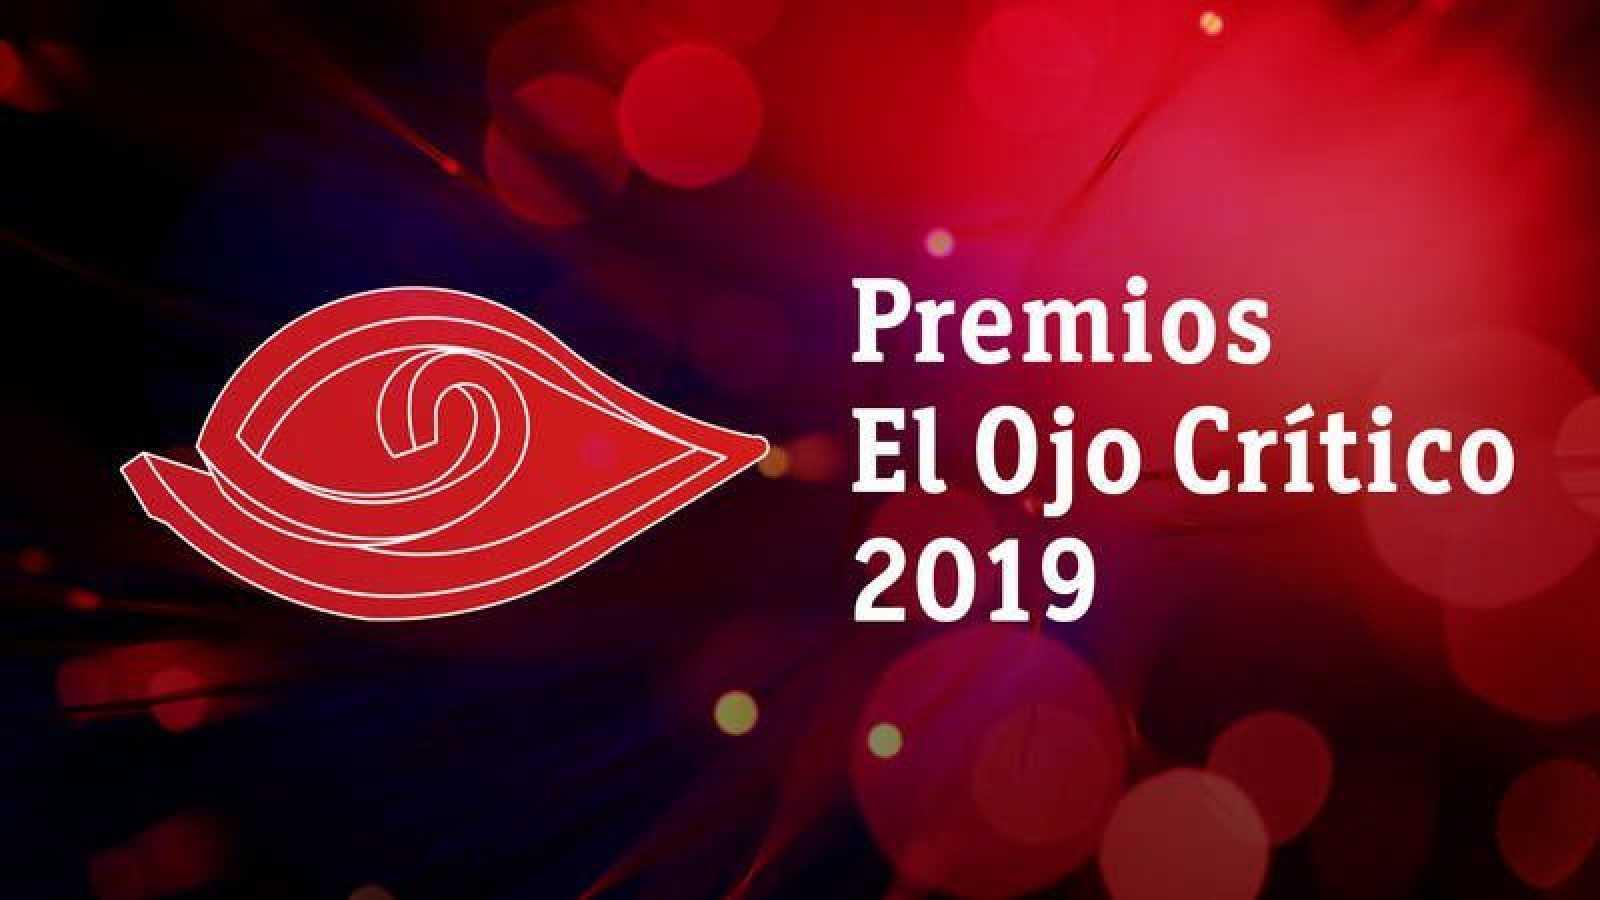 Premios El Ojo Crítico